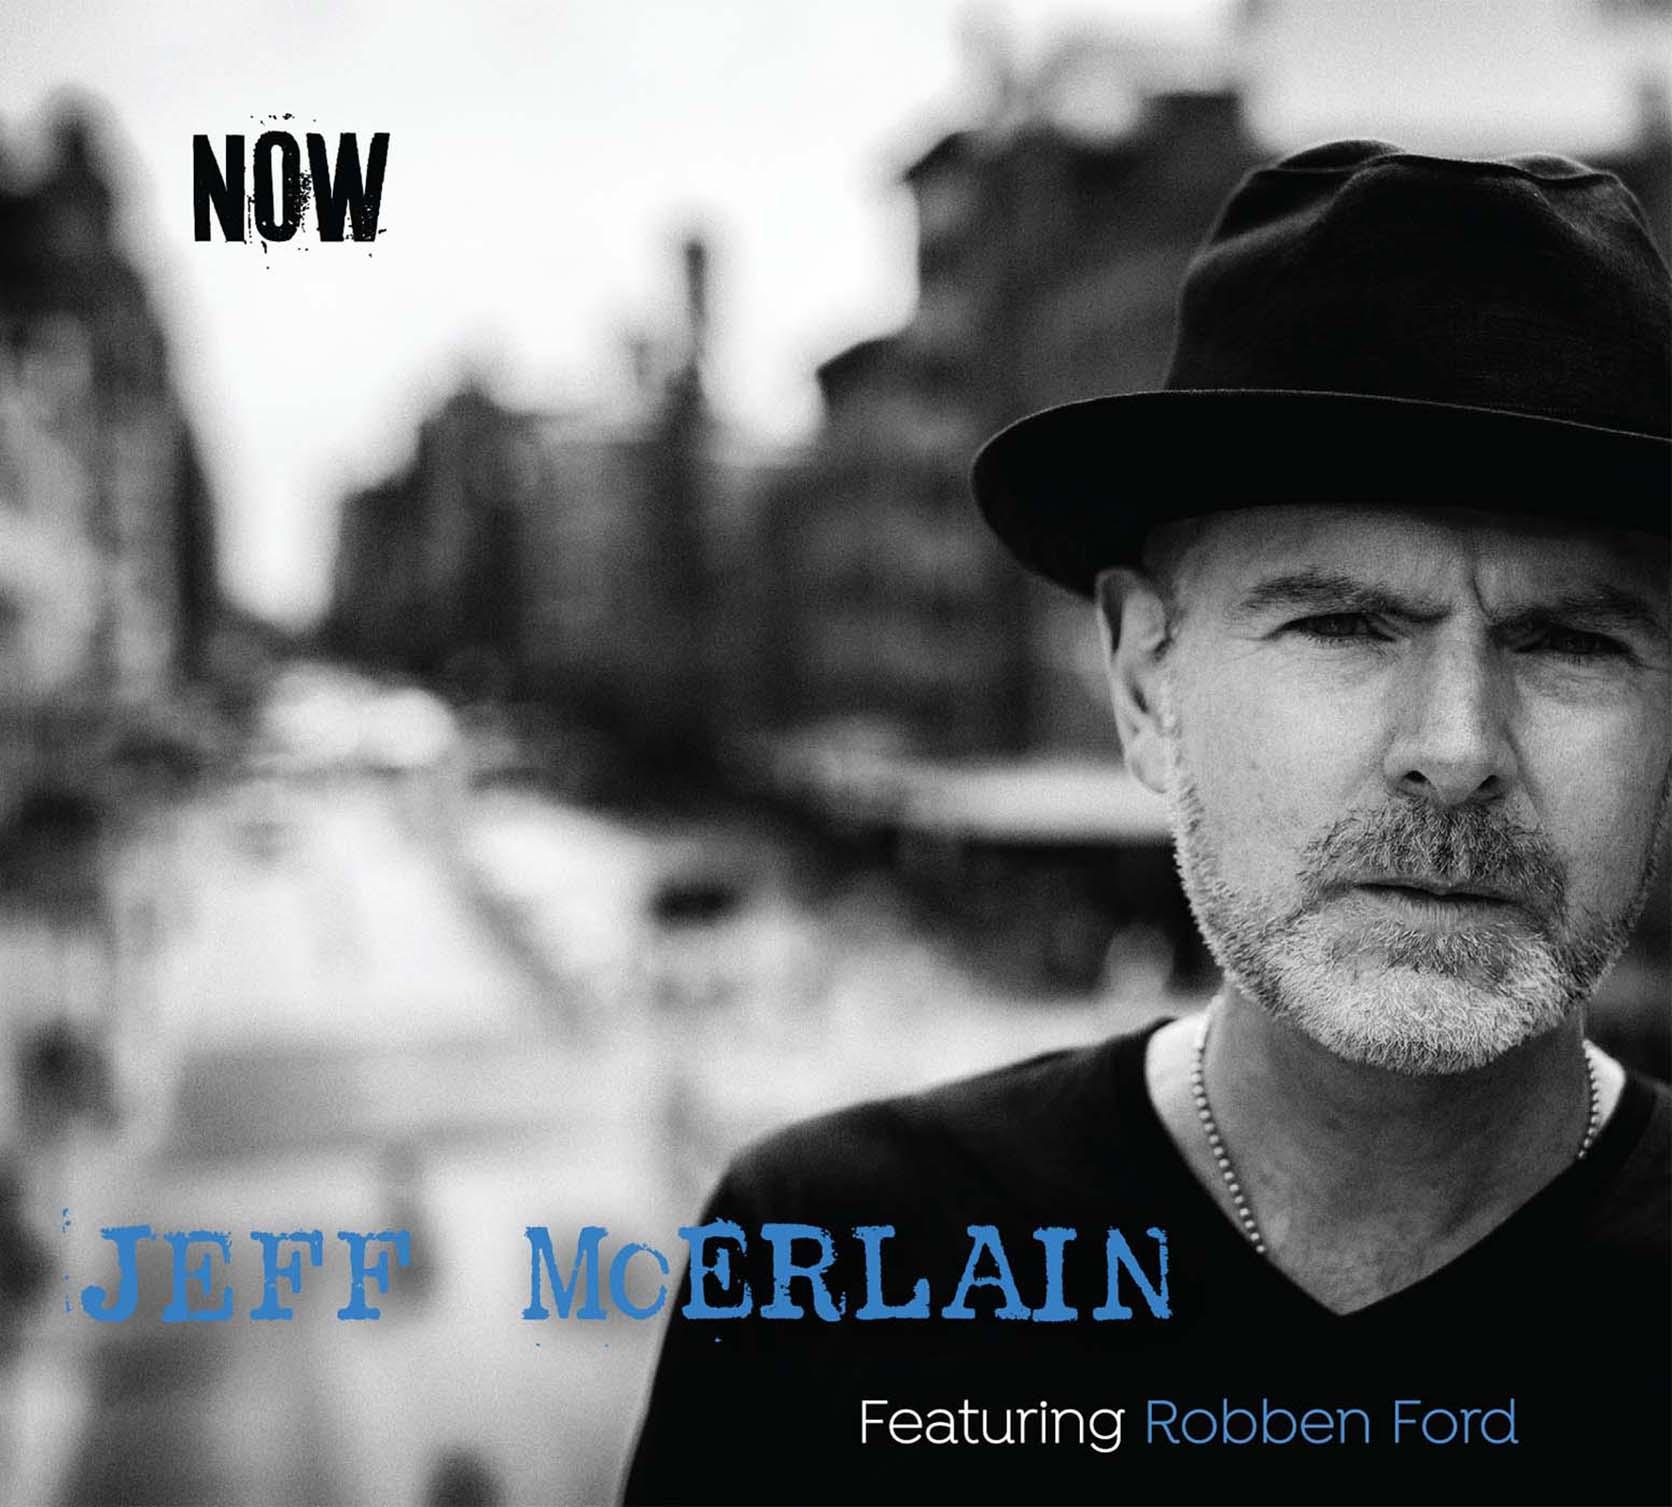 Jeff McErlain CD cover.jpg